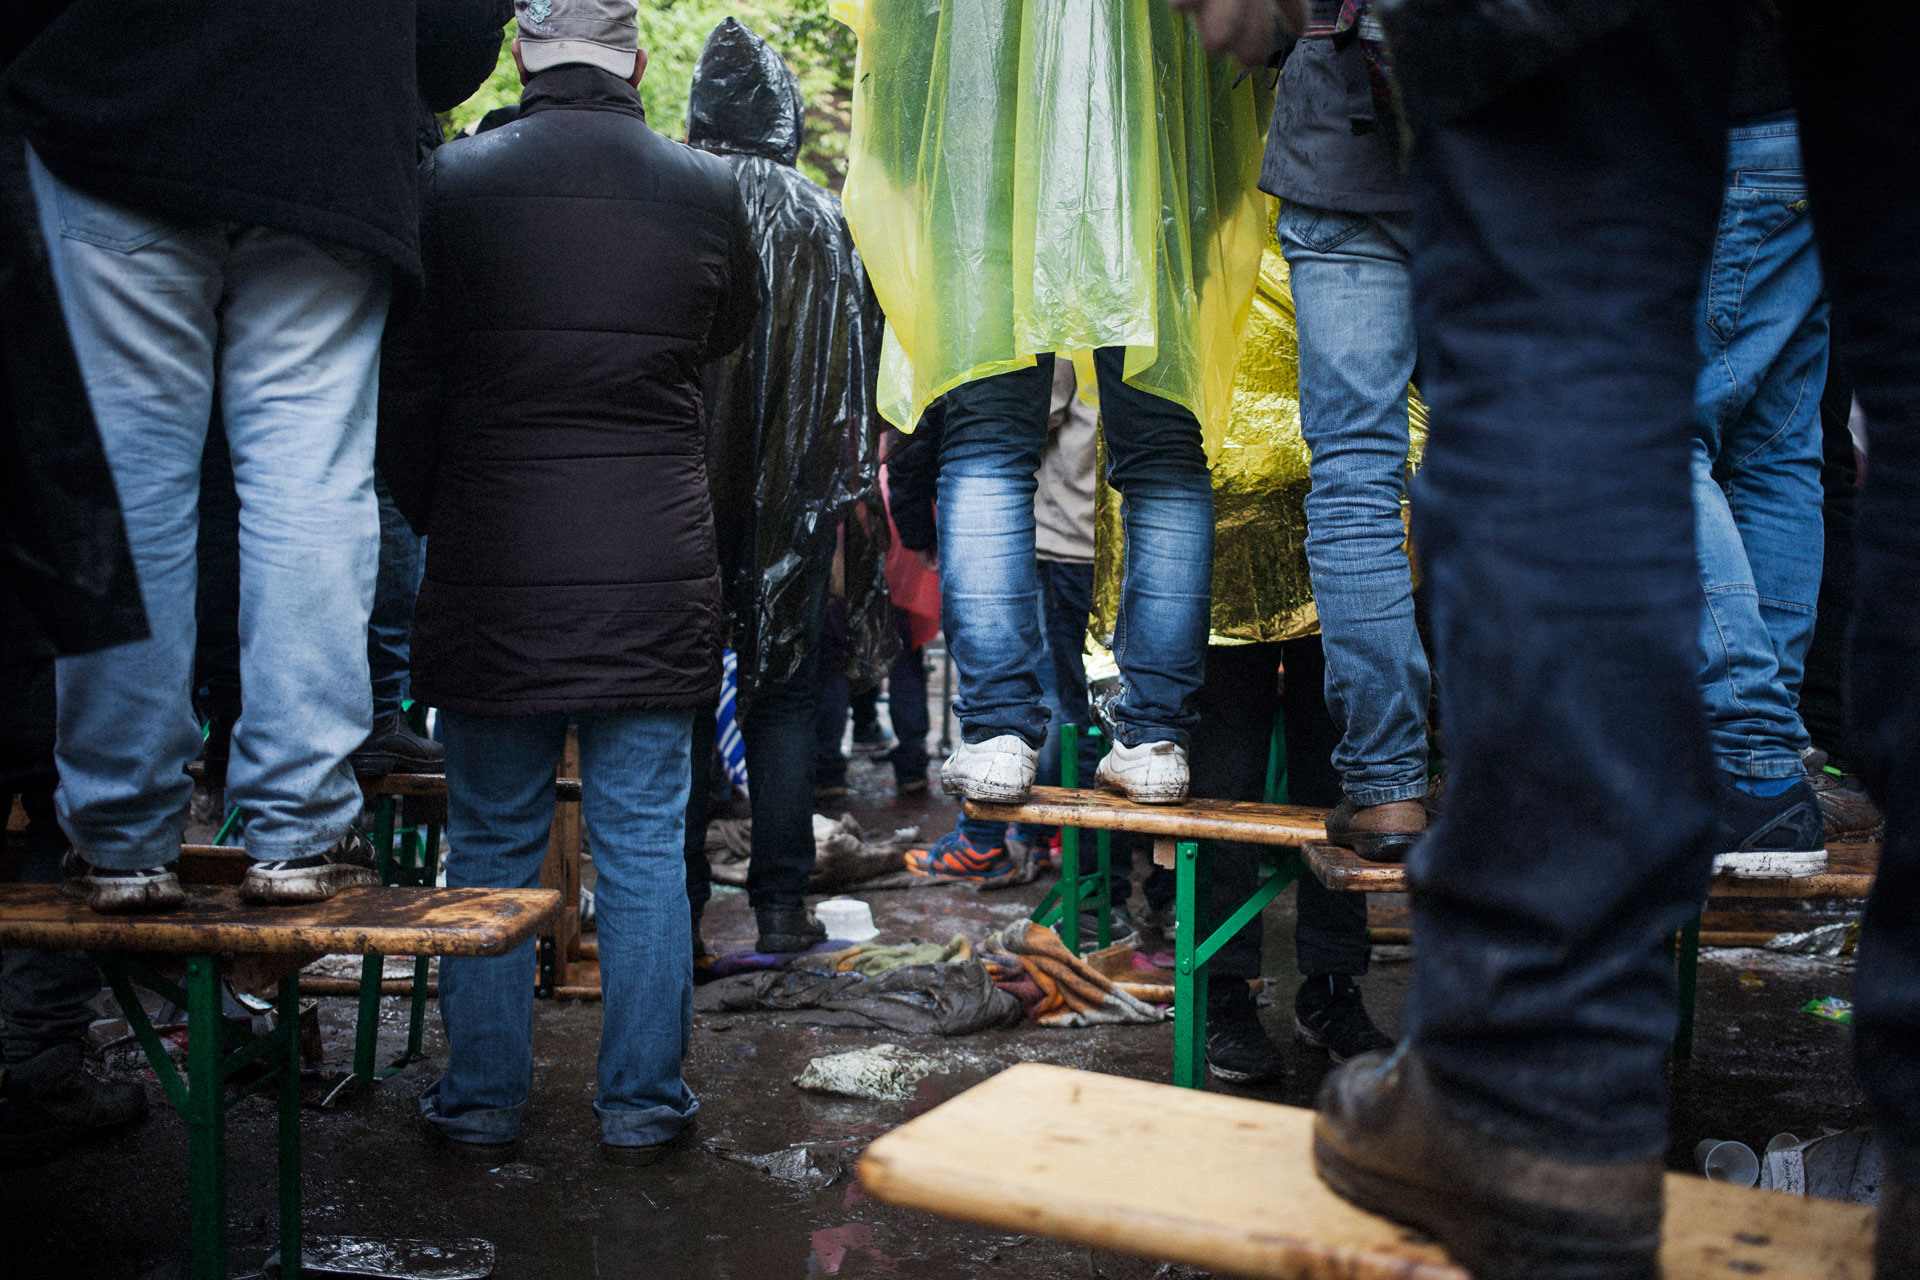 timo-stammberger-photography-fotografie-berlin-lageso-refugees-fluechtlinge-migration-11